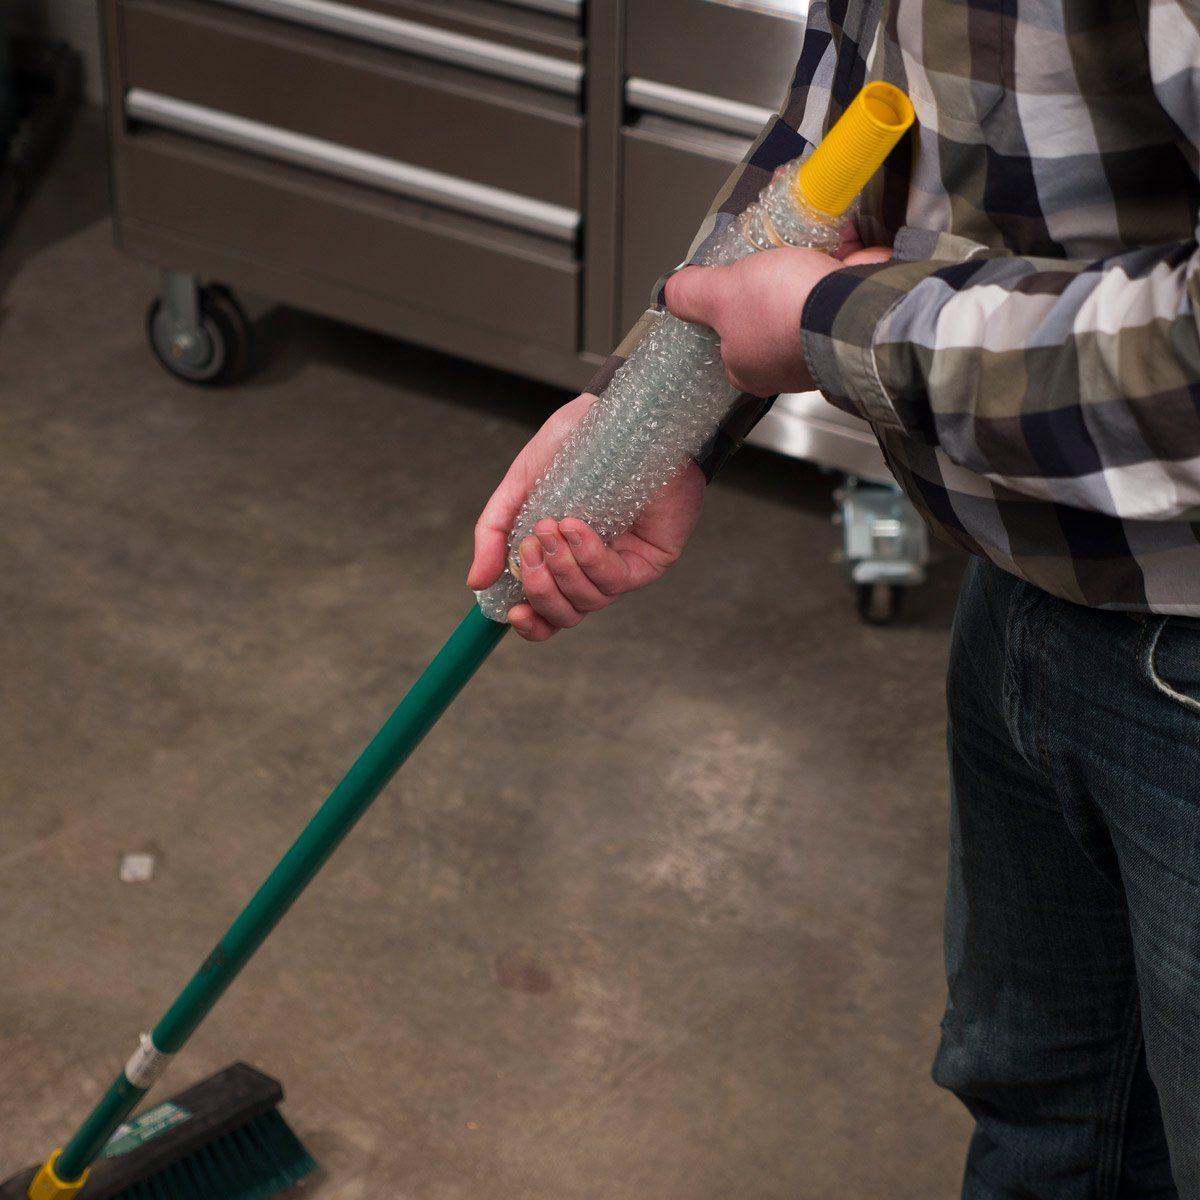 bubble wrap on broom handle